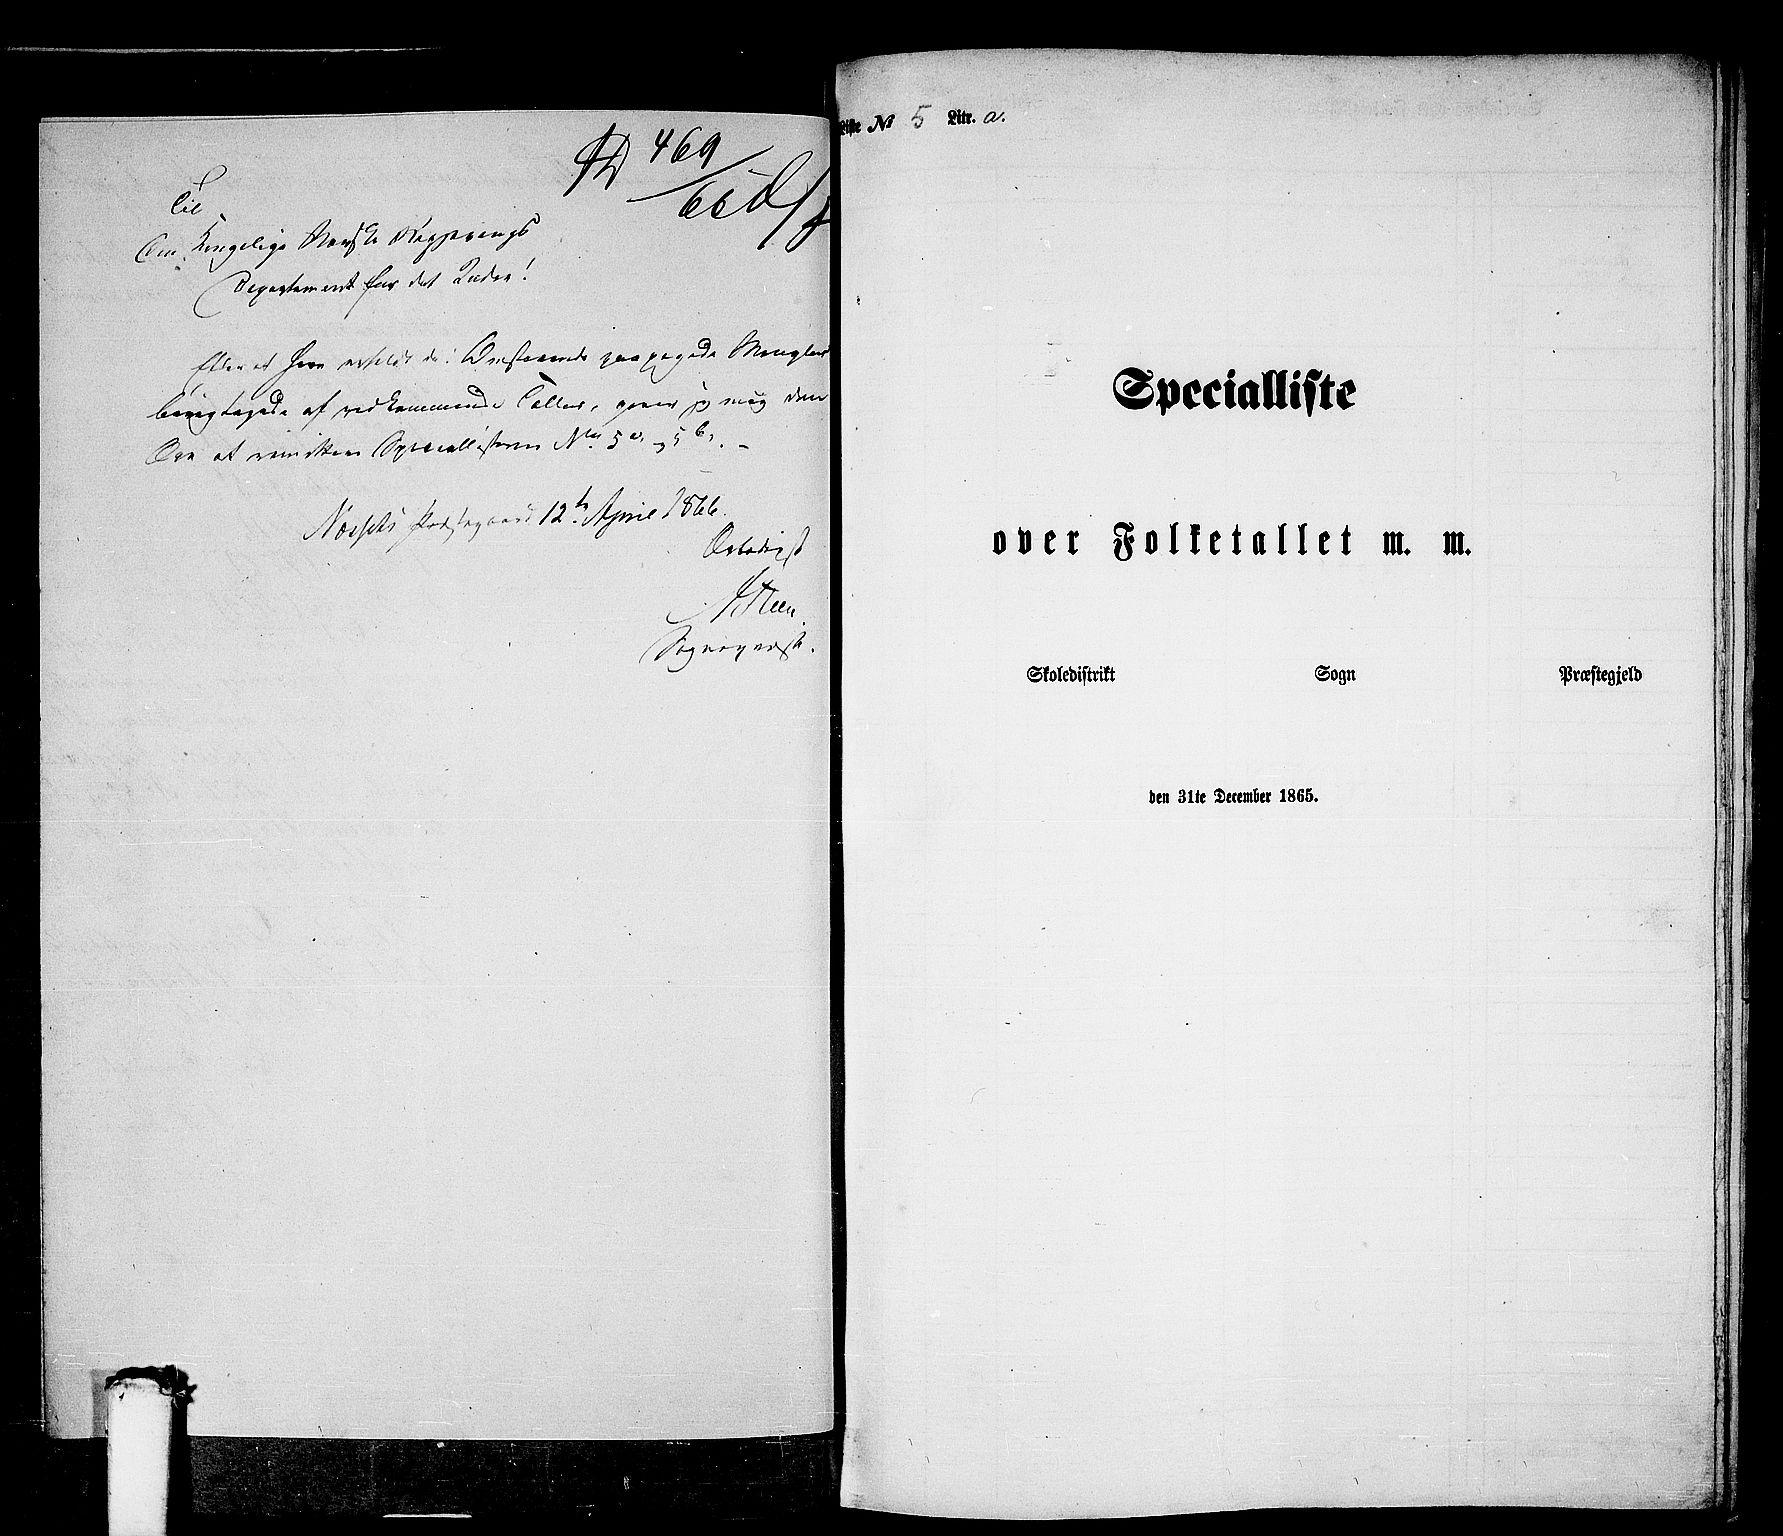 RA, Folketelling 1865 for 1543P Nesset prestegjeld, 1865, s. 96